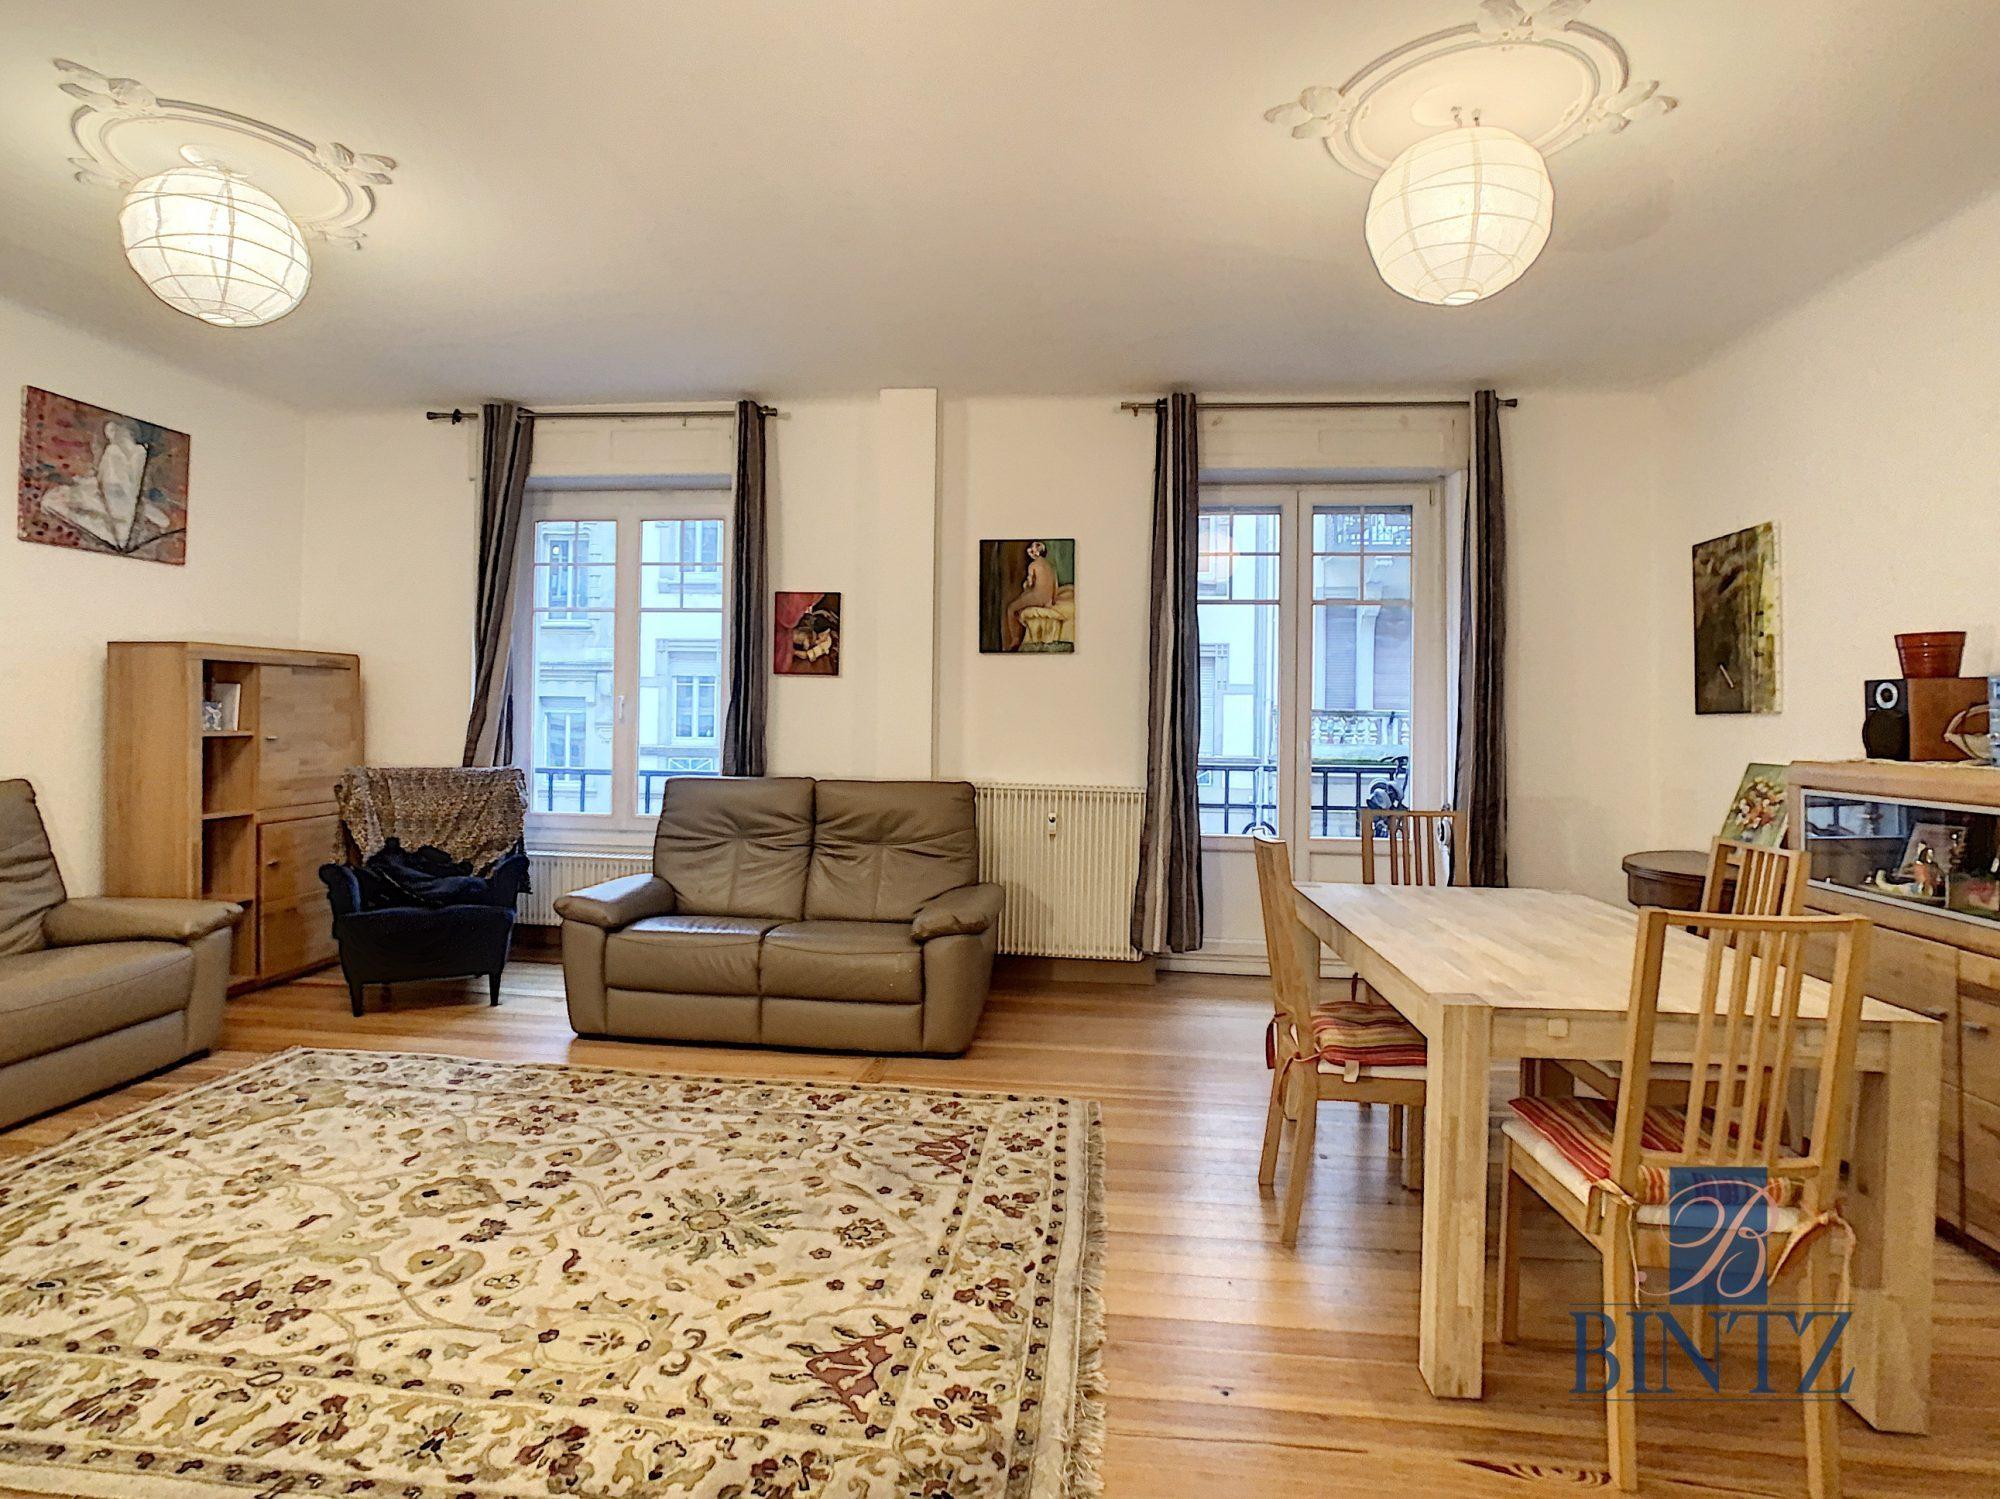 Appartement 3/4 pièces dans le quartier de la Neustadt - Devenez propriétaire en toute confiance - Bintz Immobilier - 7